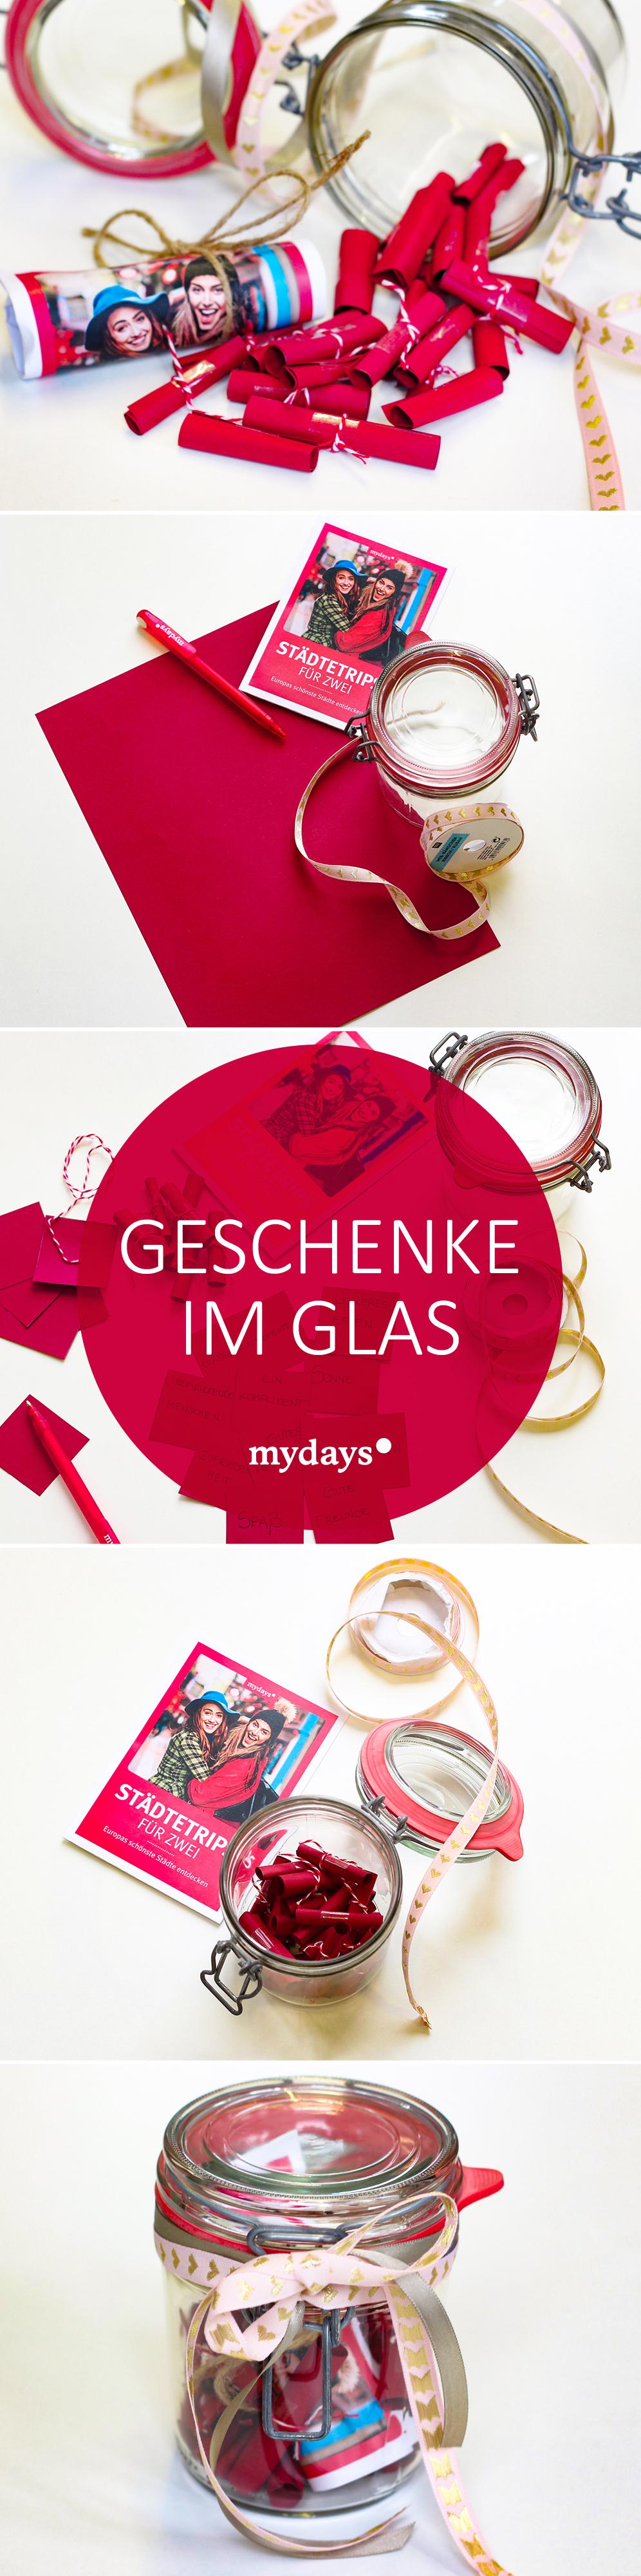 Geschenke im Glas – Verpacke Dein Erlebnis-Geschenk kreativ ...